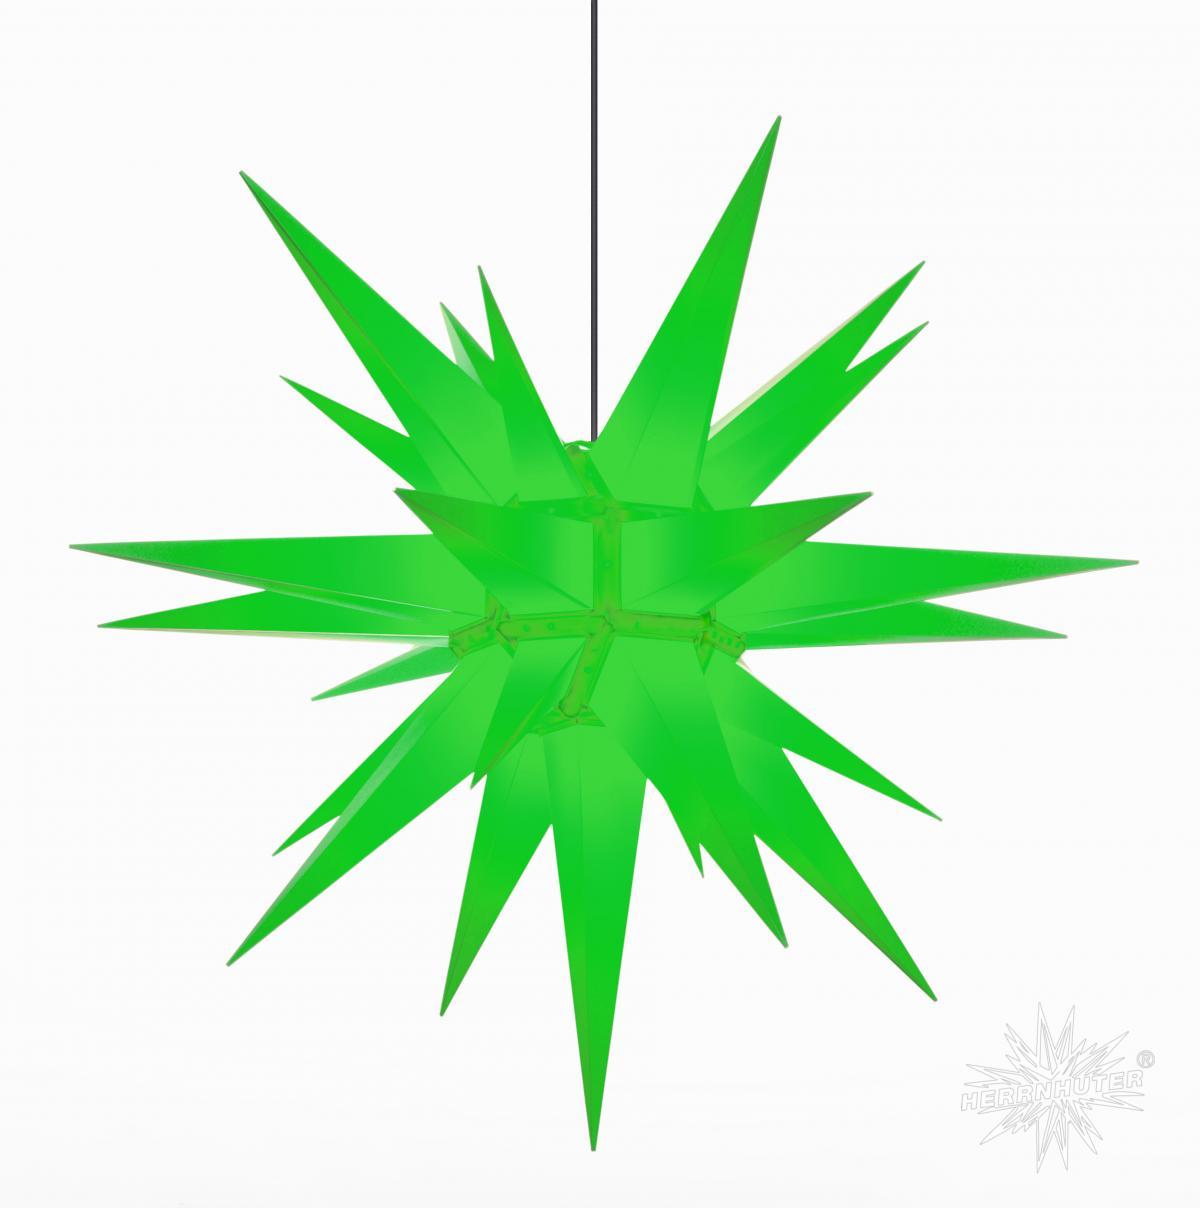 Herrnhuter Stern 130cm grün für den Außenbereich